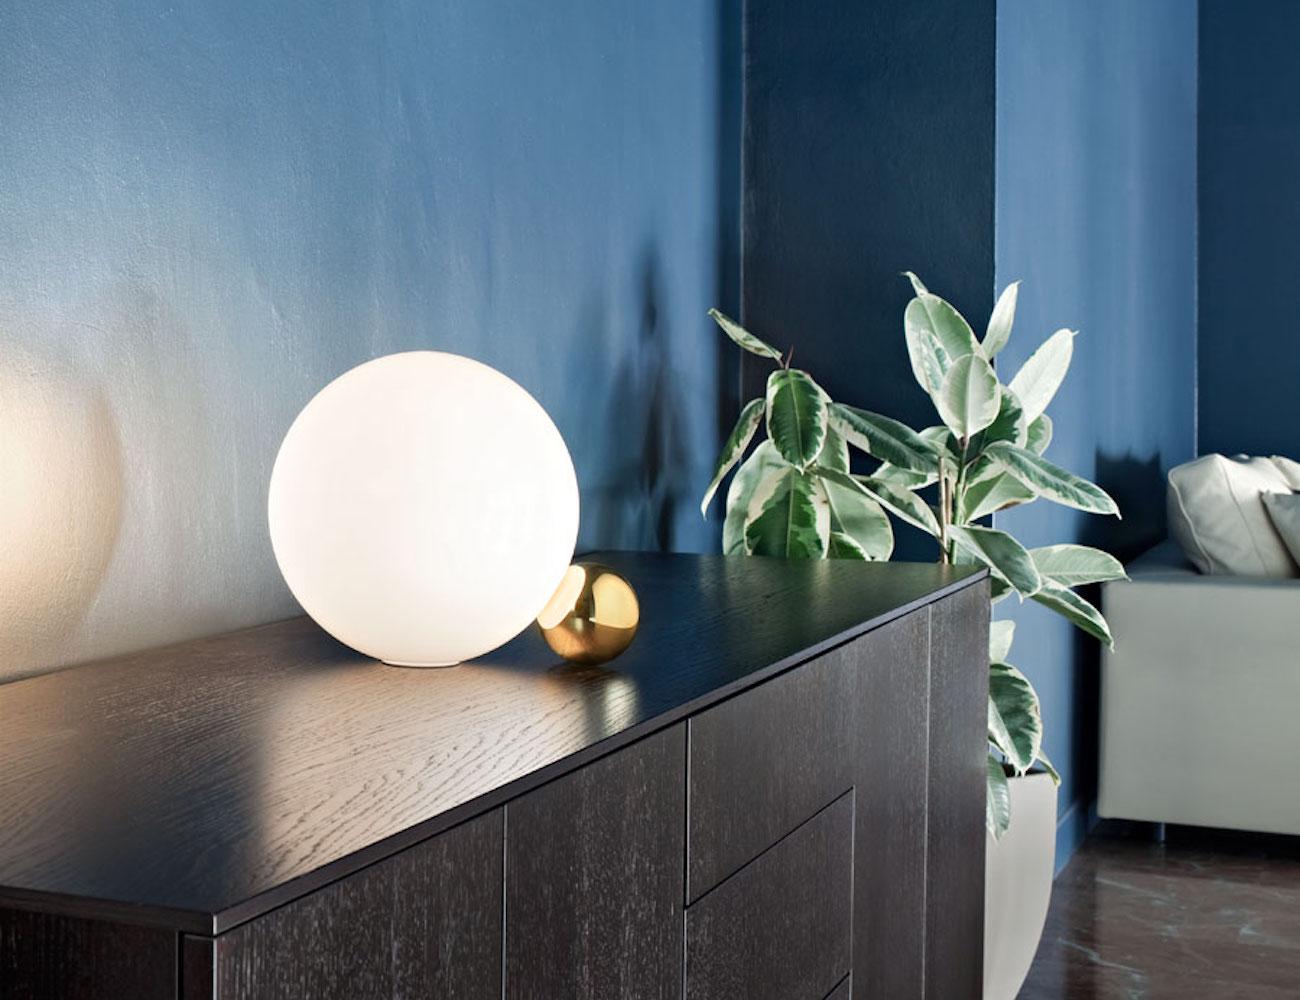 Copycat Table Lamp By Flos ...